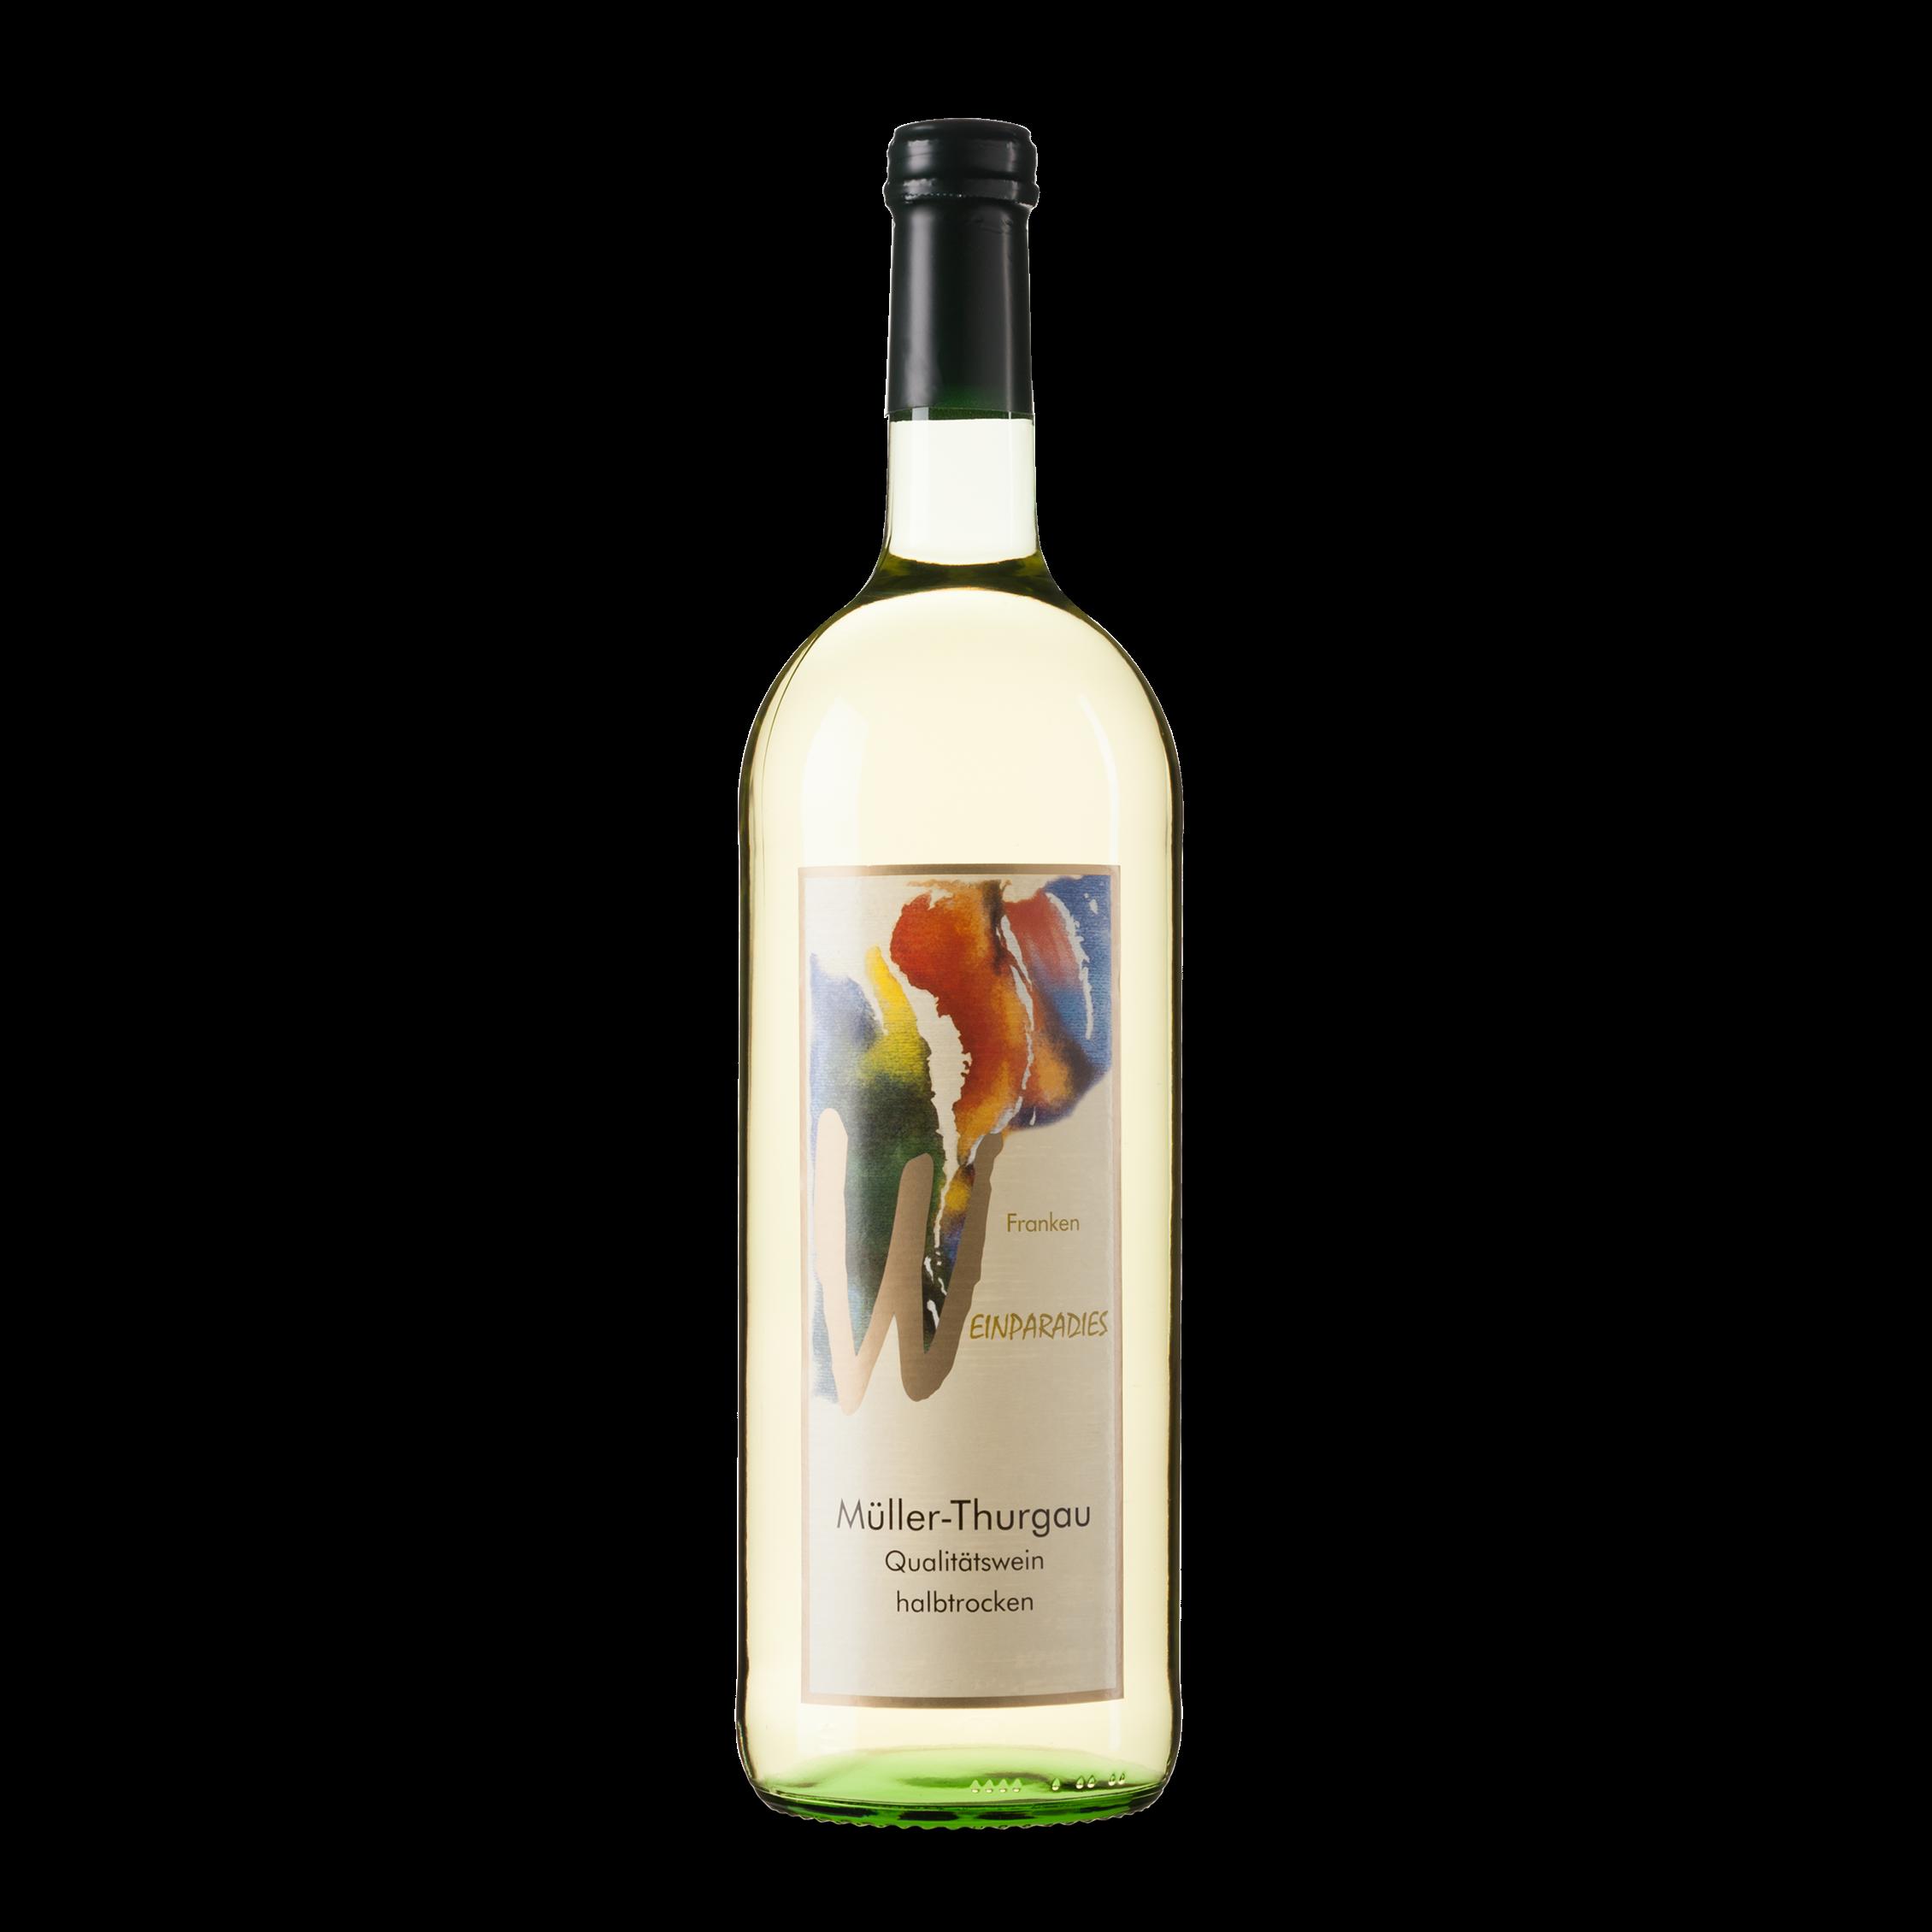 Weinparadies Müller-Thurgau halbtrocken